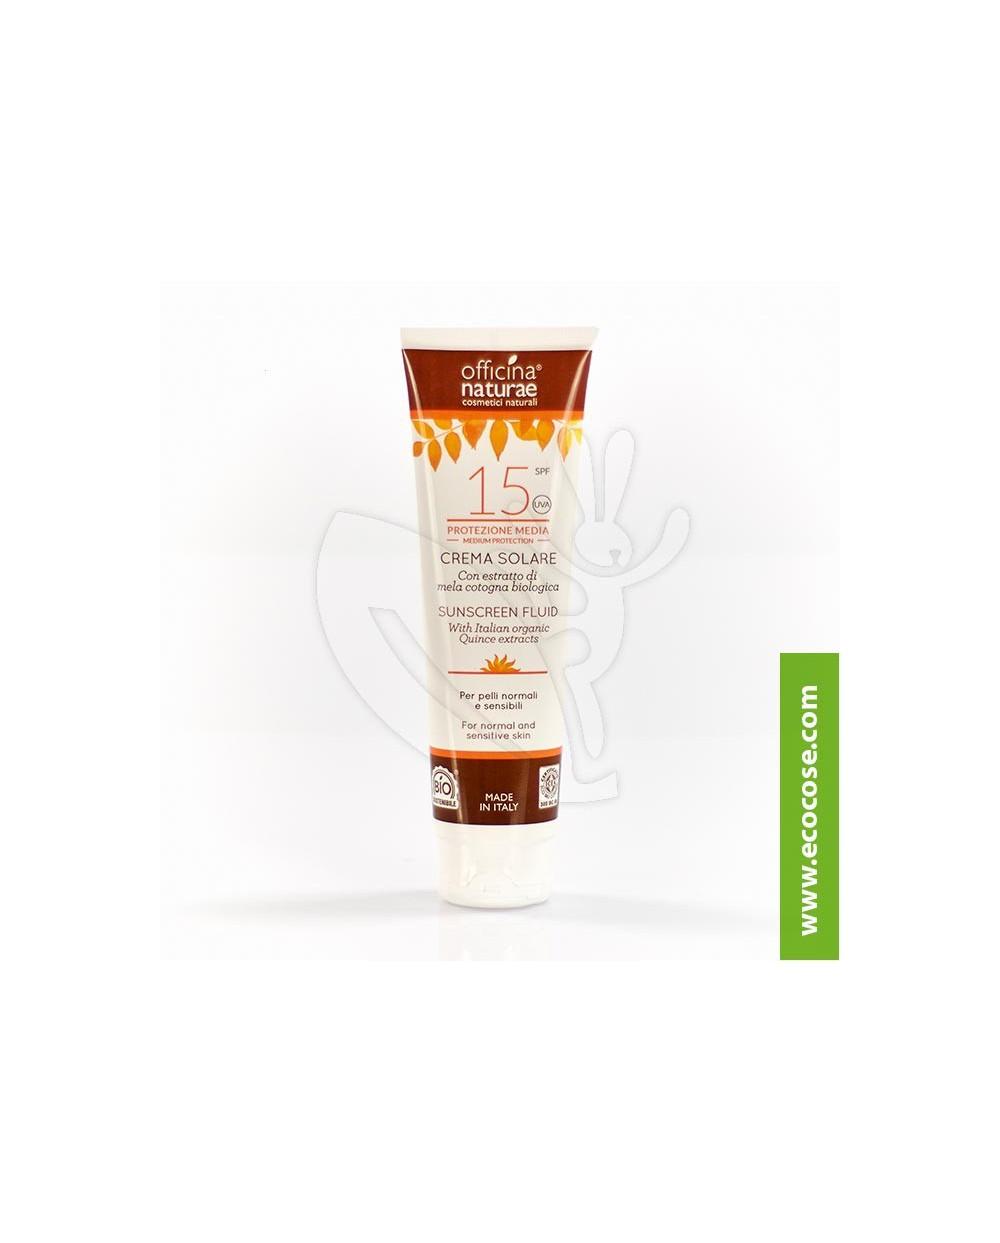 Officina Naturae - Crema fluida Solare SPF 15 Protezione media